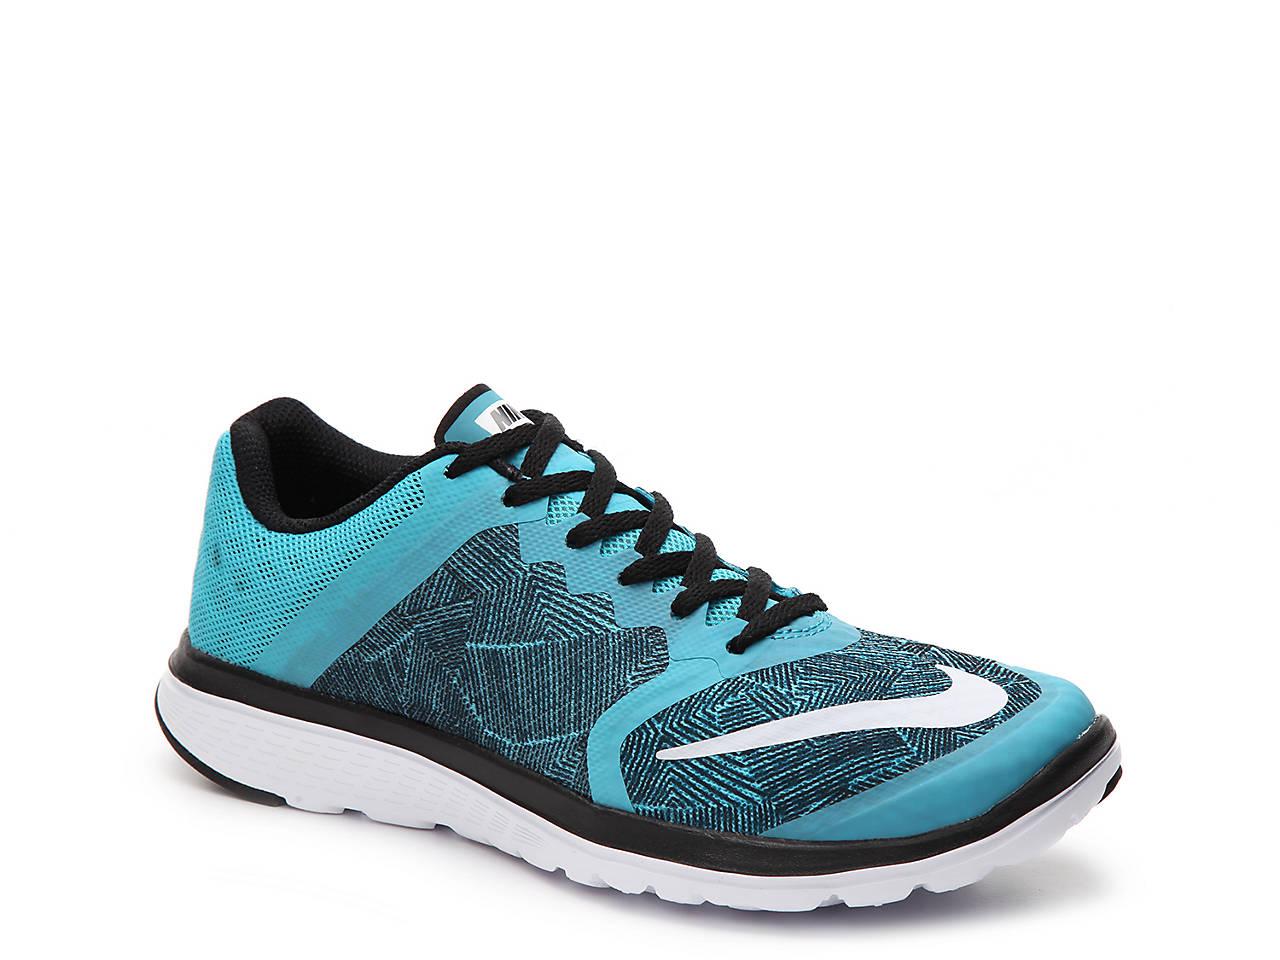 online retailer 7d2b3 23720 Nike. FS Lite Run 3 Print Lightweight Running Shoe - Women s